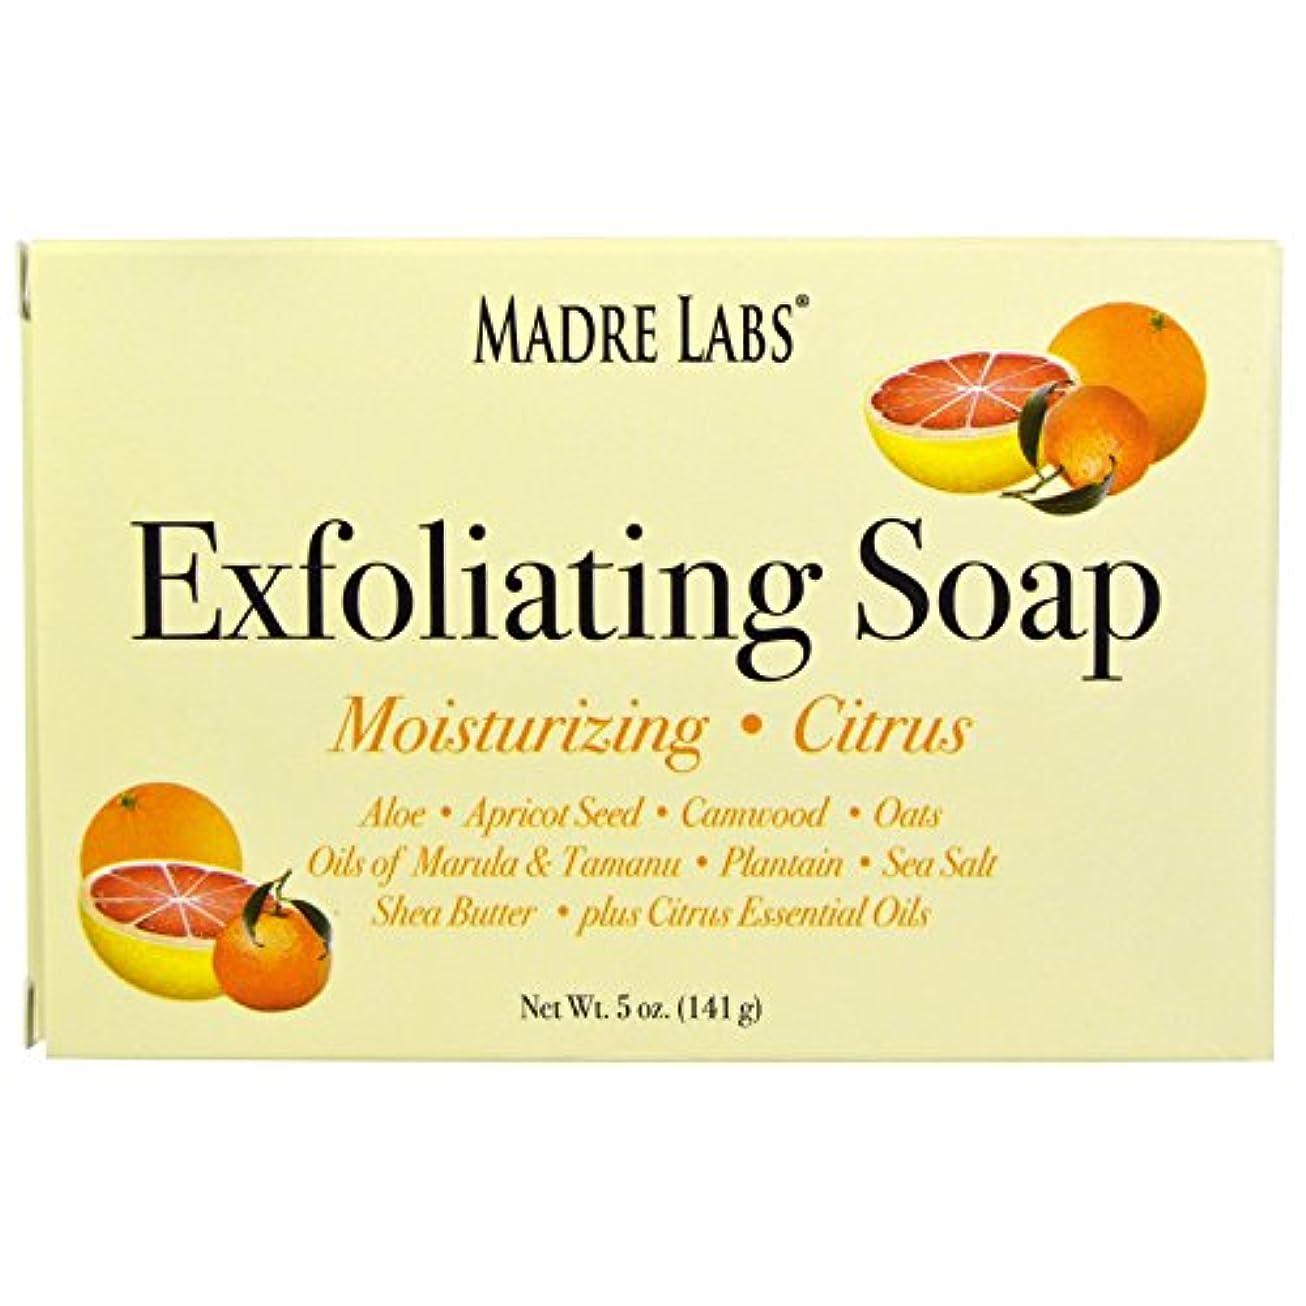 特徴づけるパントリー散らすマドレラブ シアバター入り石鹸 柑橘フレーバー Madre Labs Exfoliating Soap Bar with Marula & Tamanu Oils plus Shea Butter